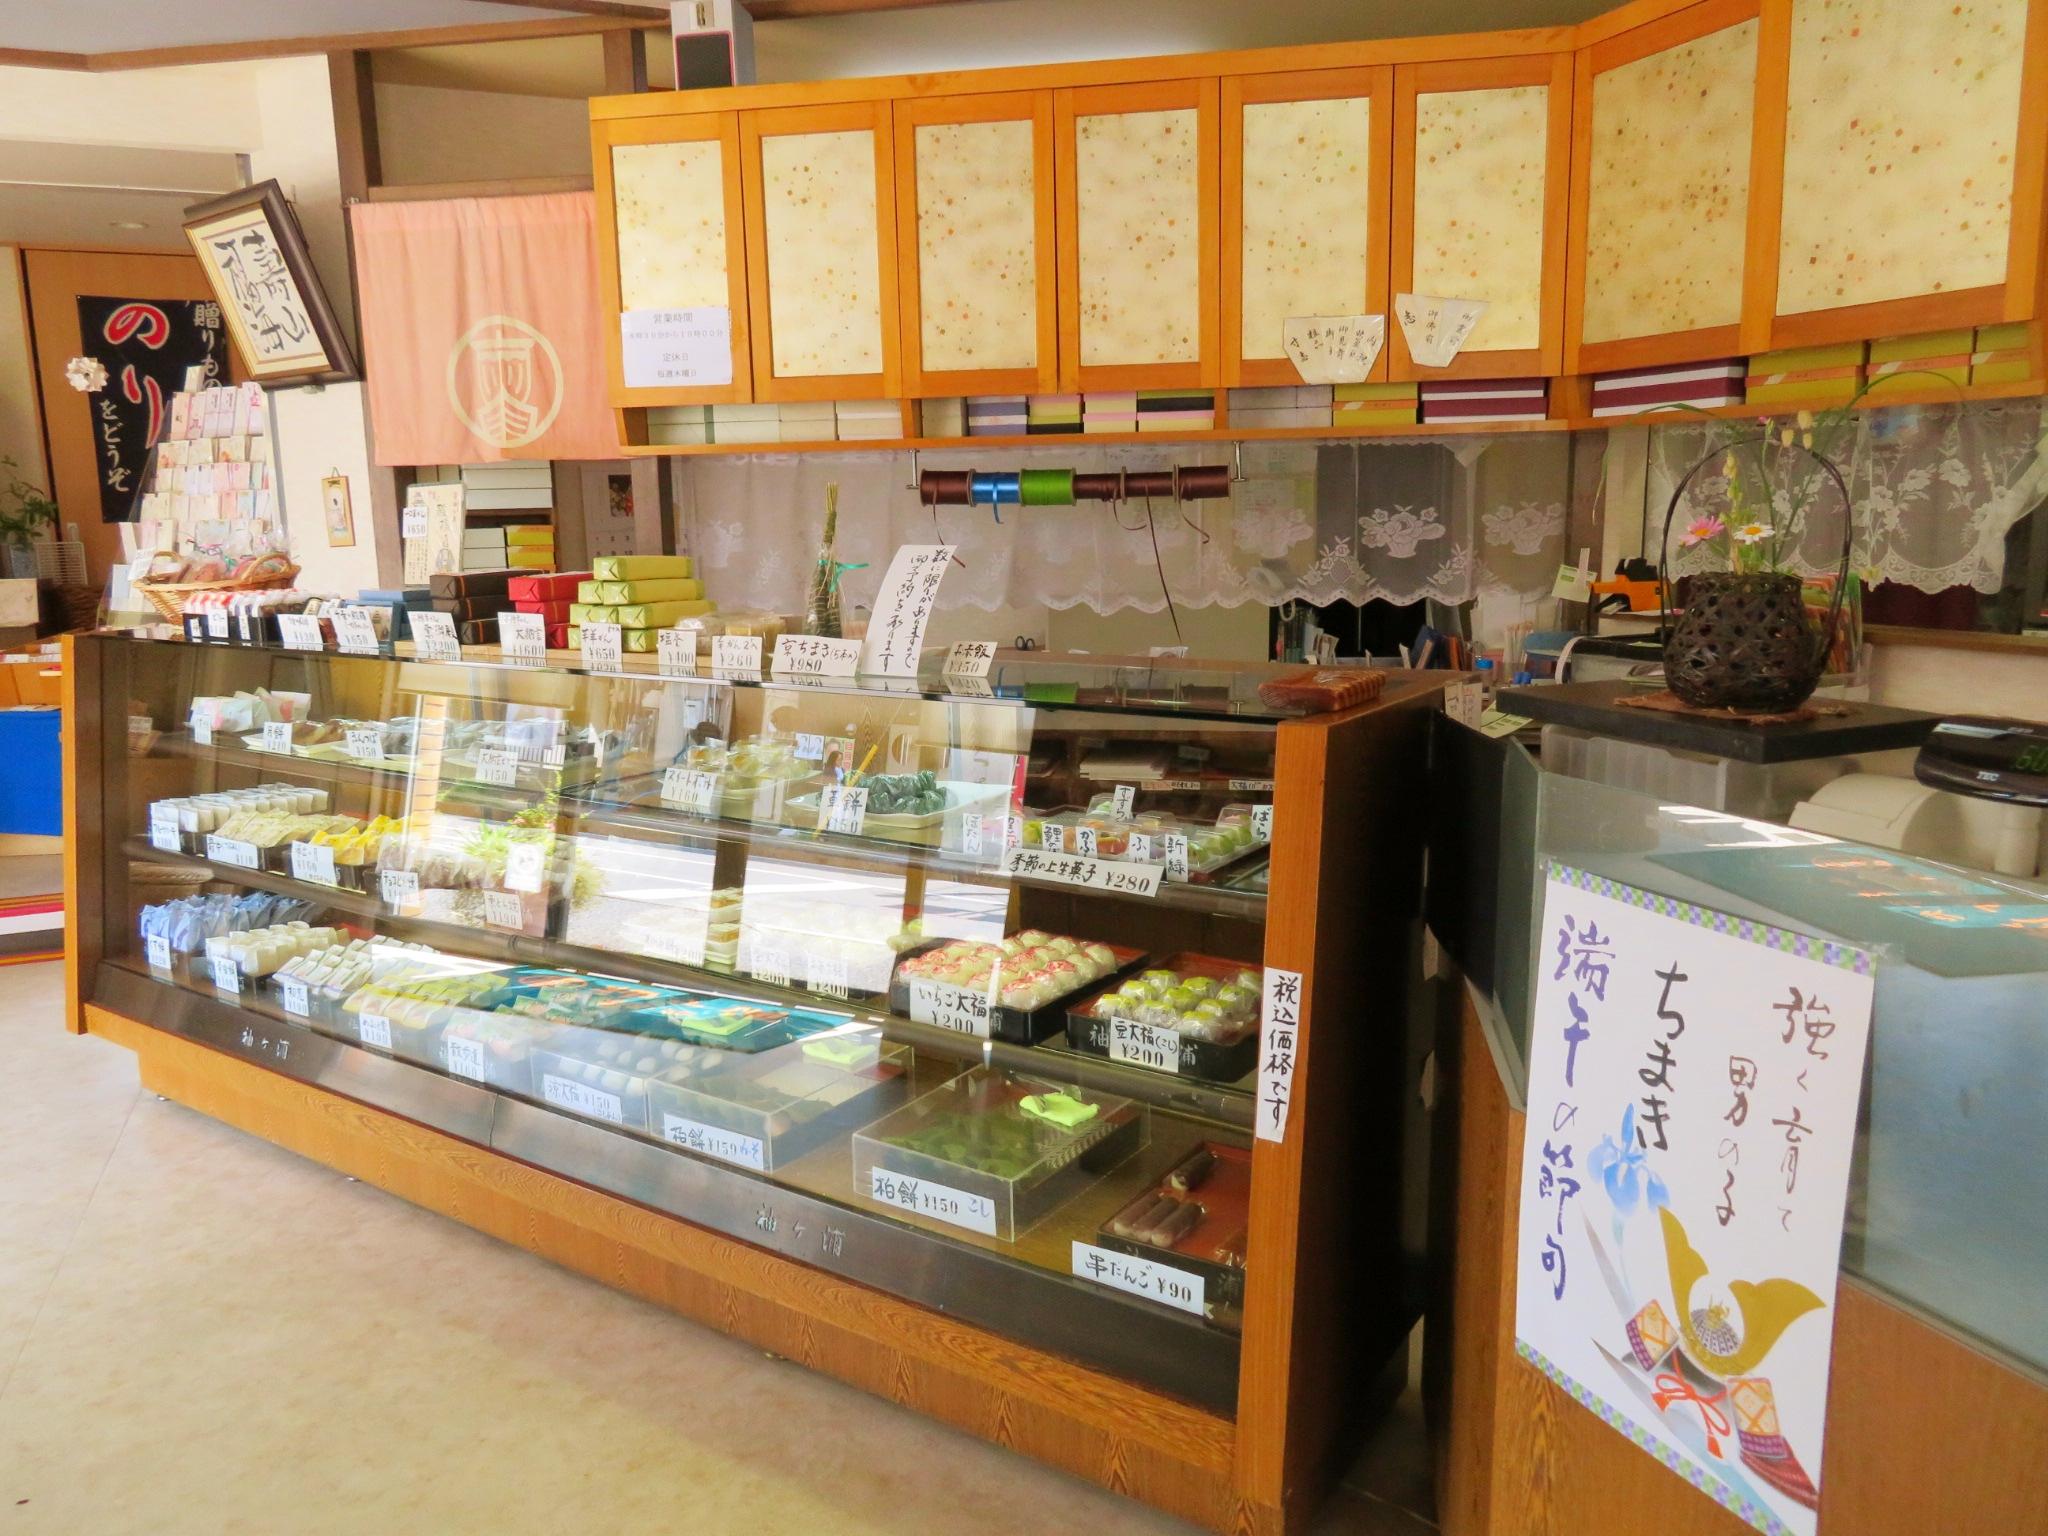 袖ヶ浦の店内の様子。大きなショーケースに色とりどりの季節の和菓子が並びます。